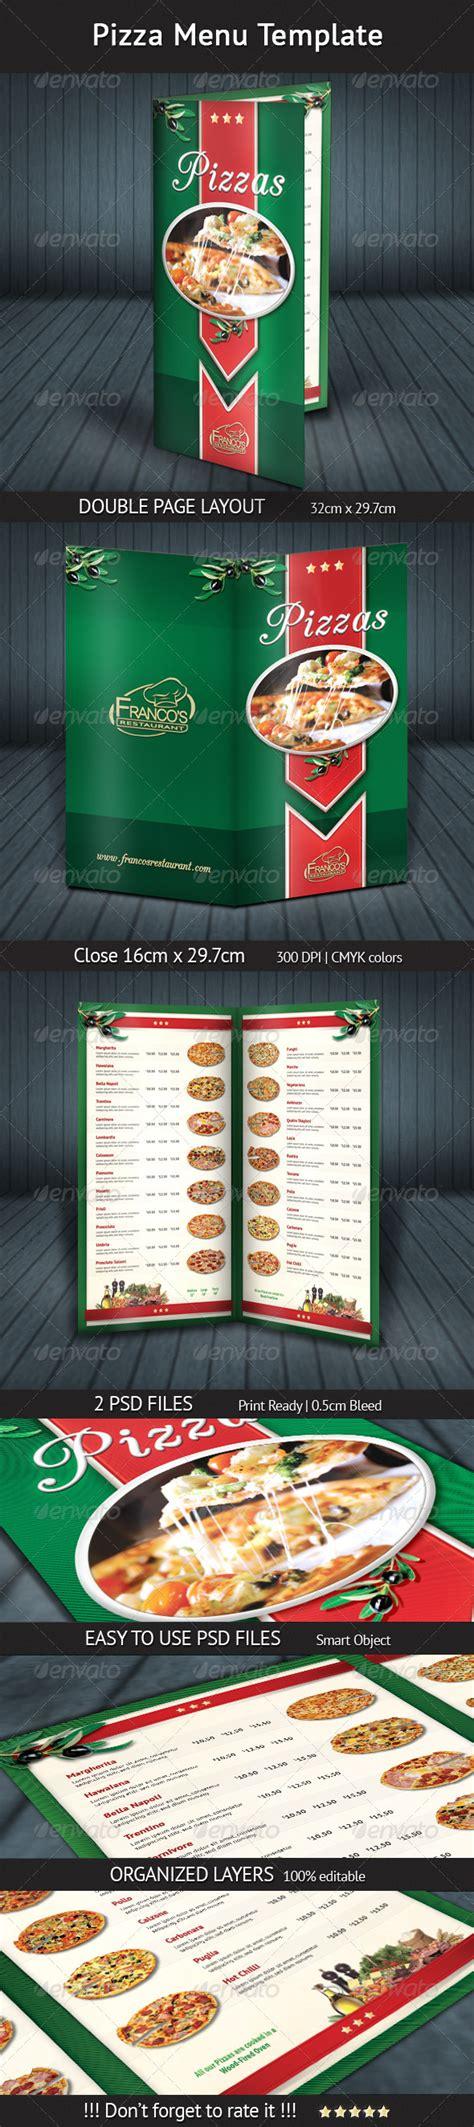 pizza menu template  mograsol graphicriver